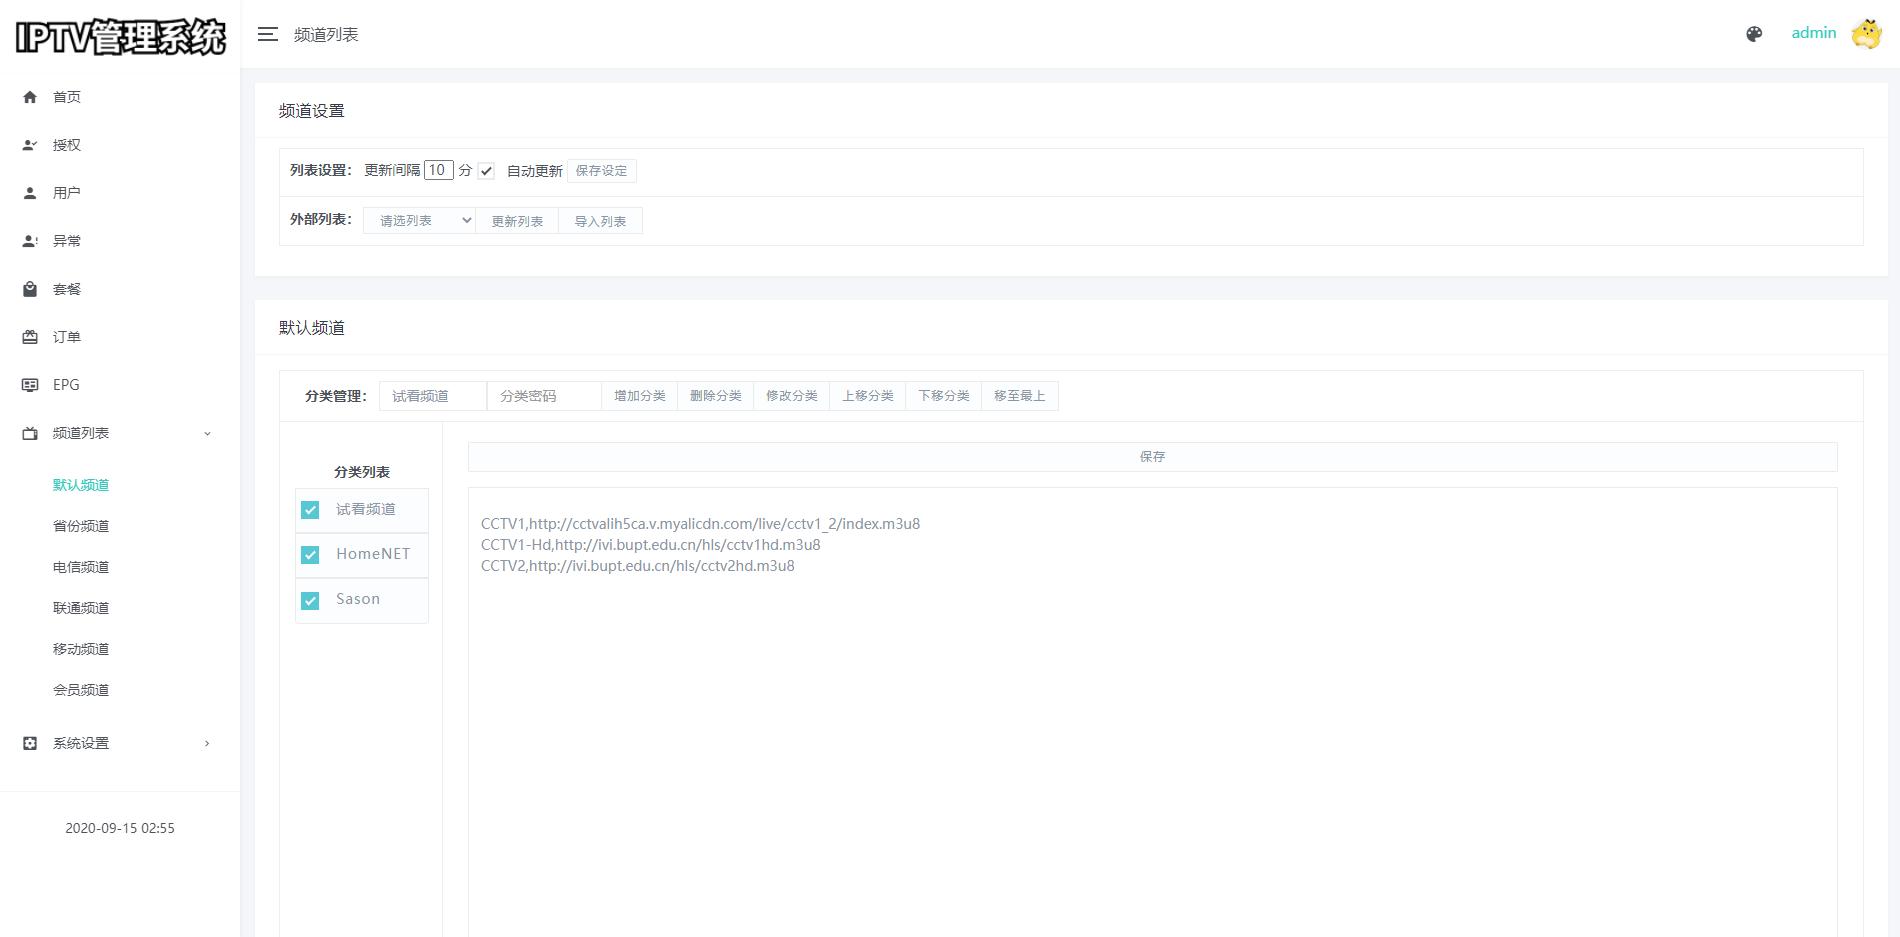 最新骆驼IPTV管理魔改源码完美无错版,支持EPG,天气显示,用户授权,会员套餐-常网小站Miknio